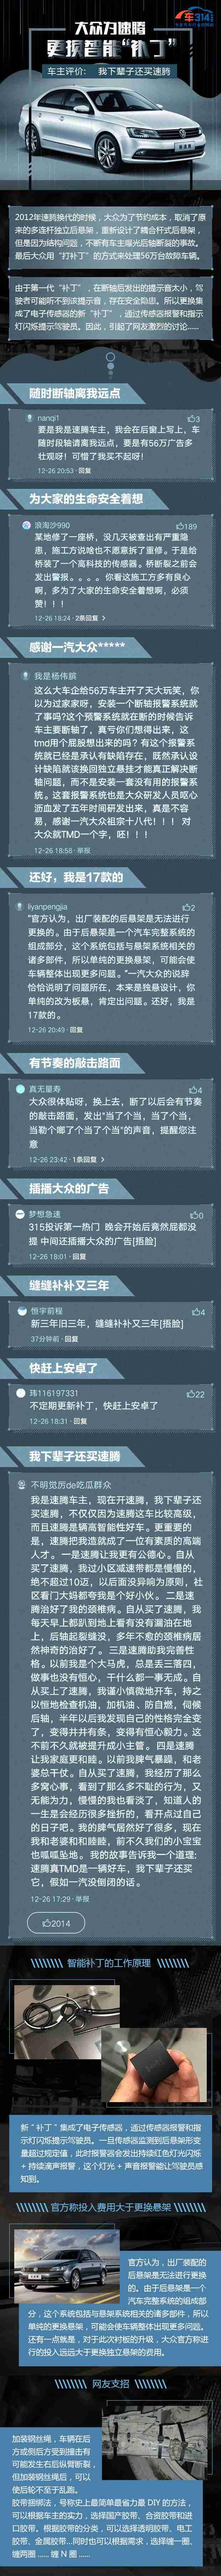 """速腾更换新""""补丁"""" 网友评论更新比安卓快"""